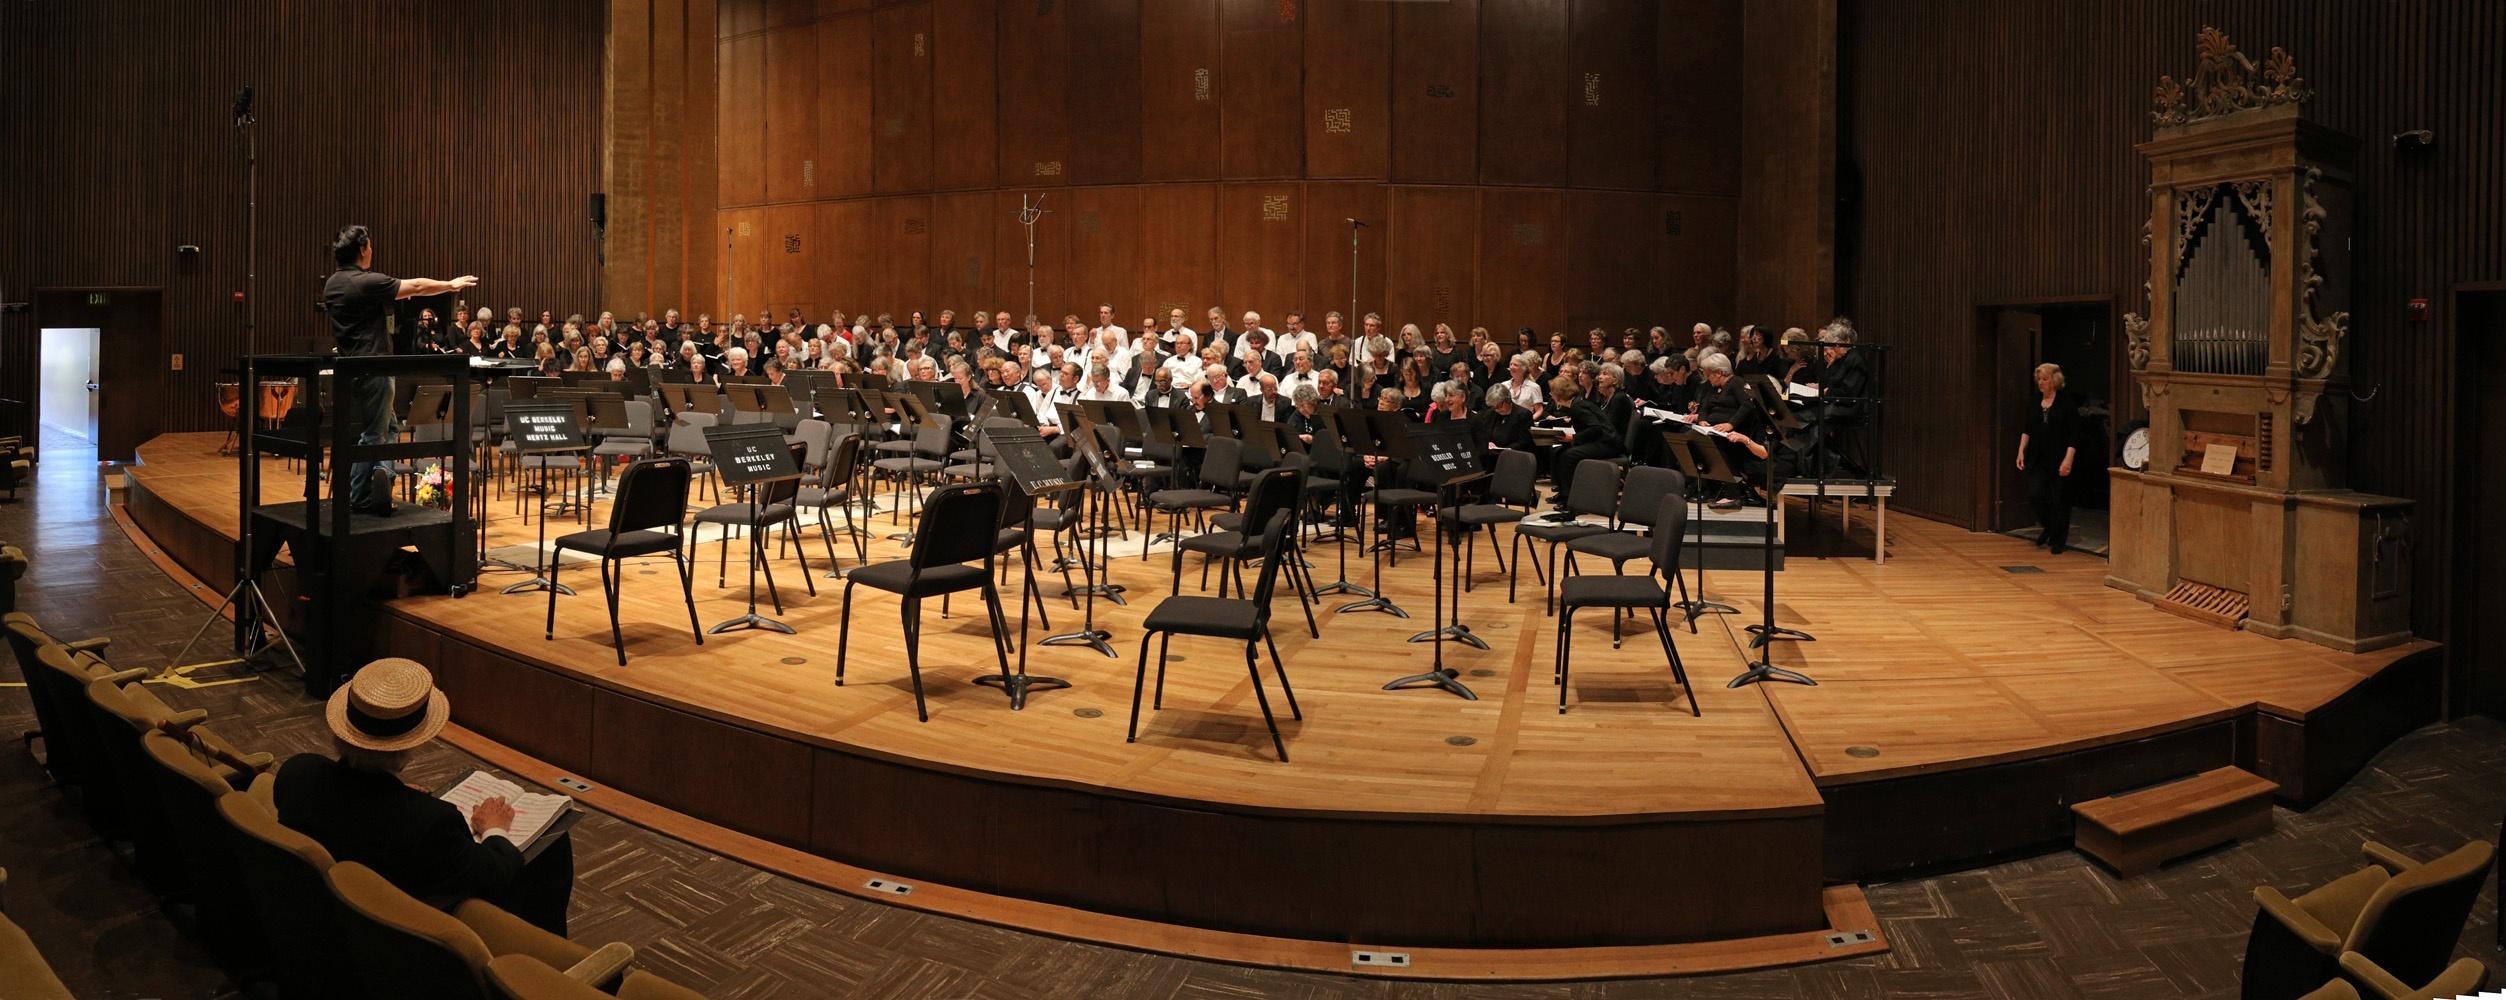 s15-practicepan BCCO Spring Concert,  Hertz Hall, UC Berekeley,  Berkeley, California, 2015